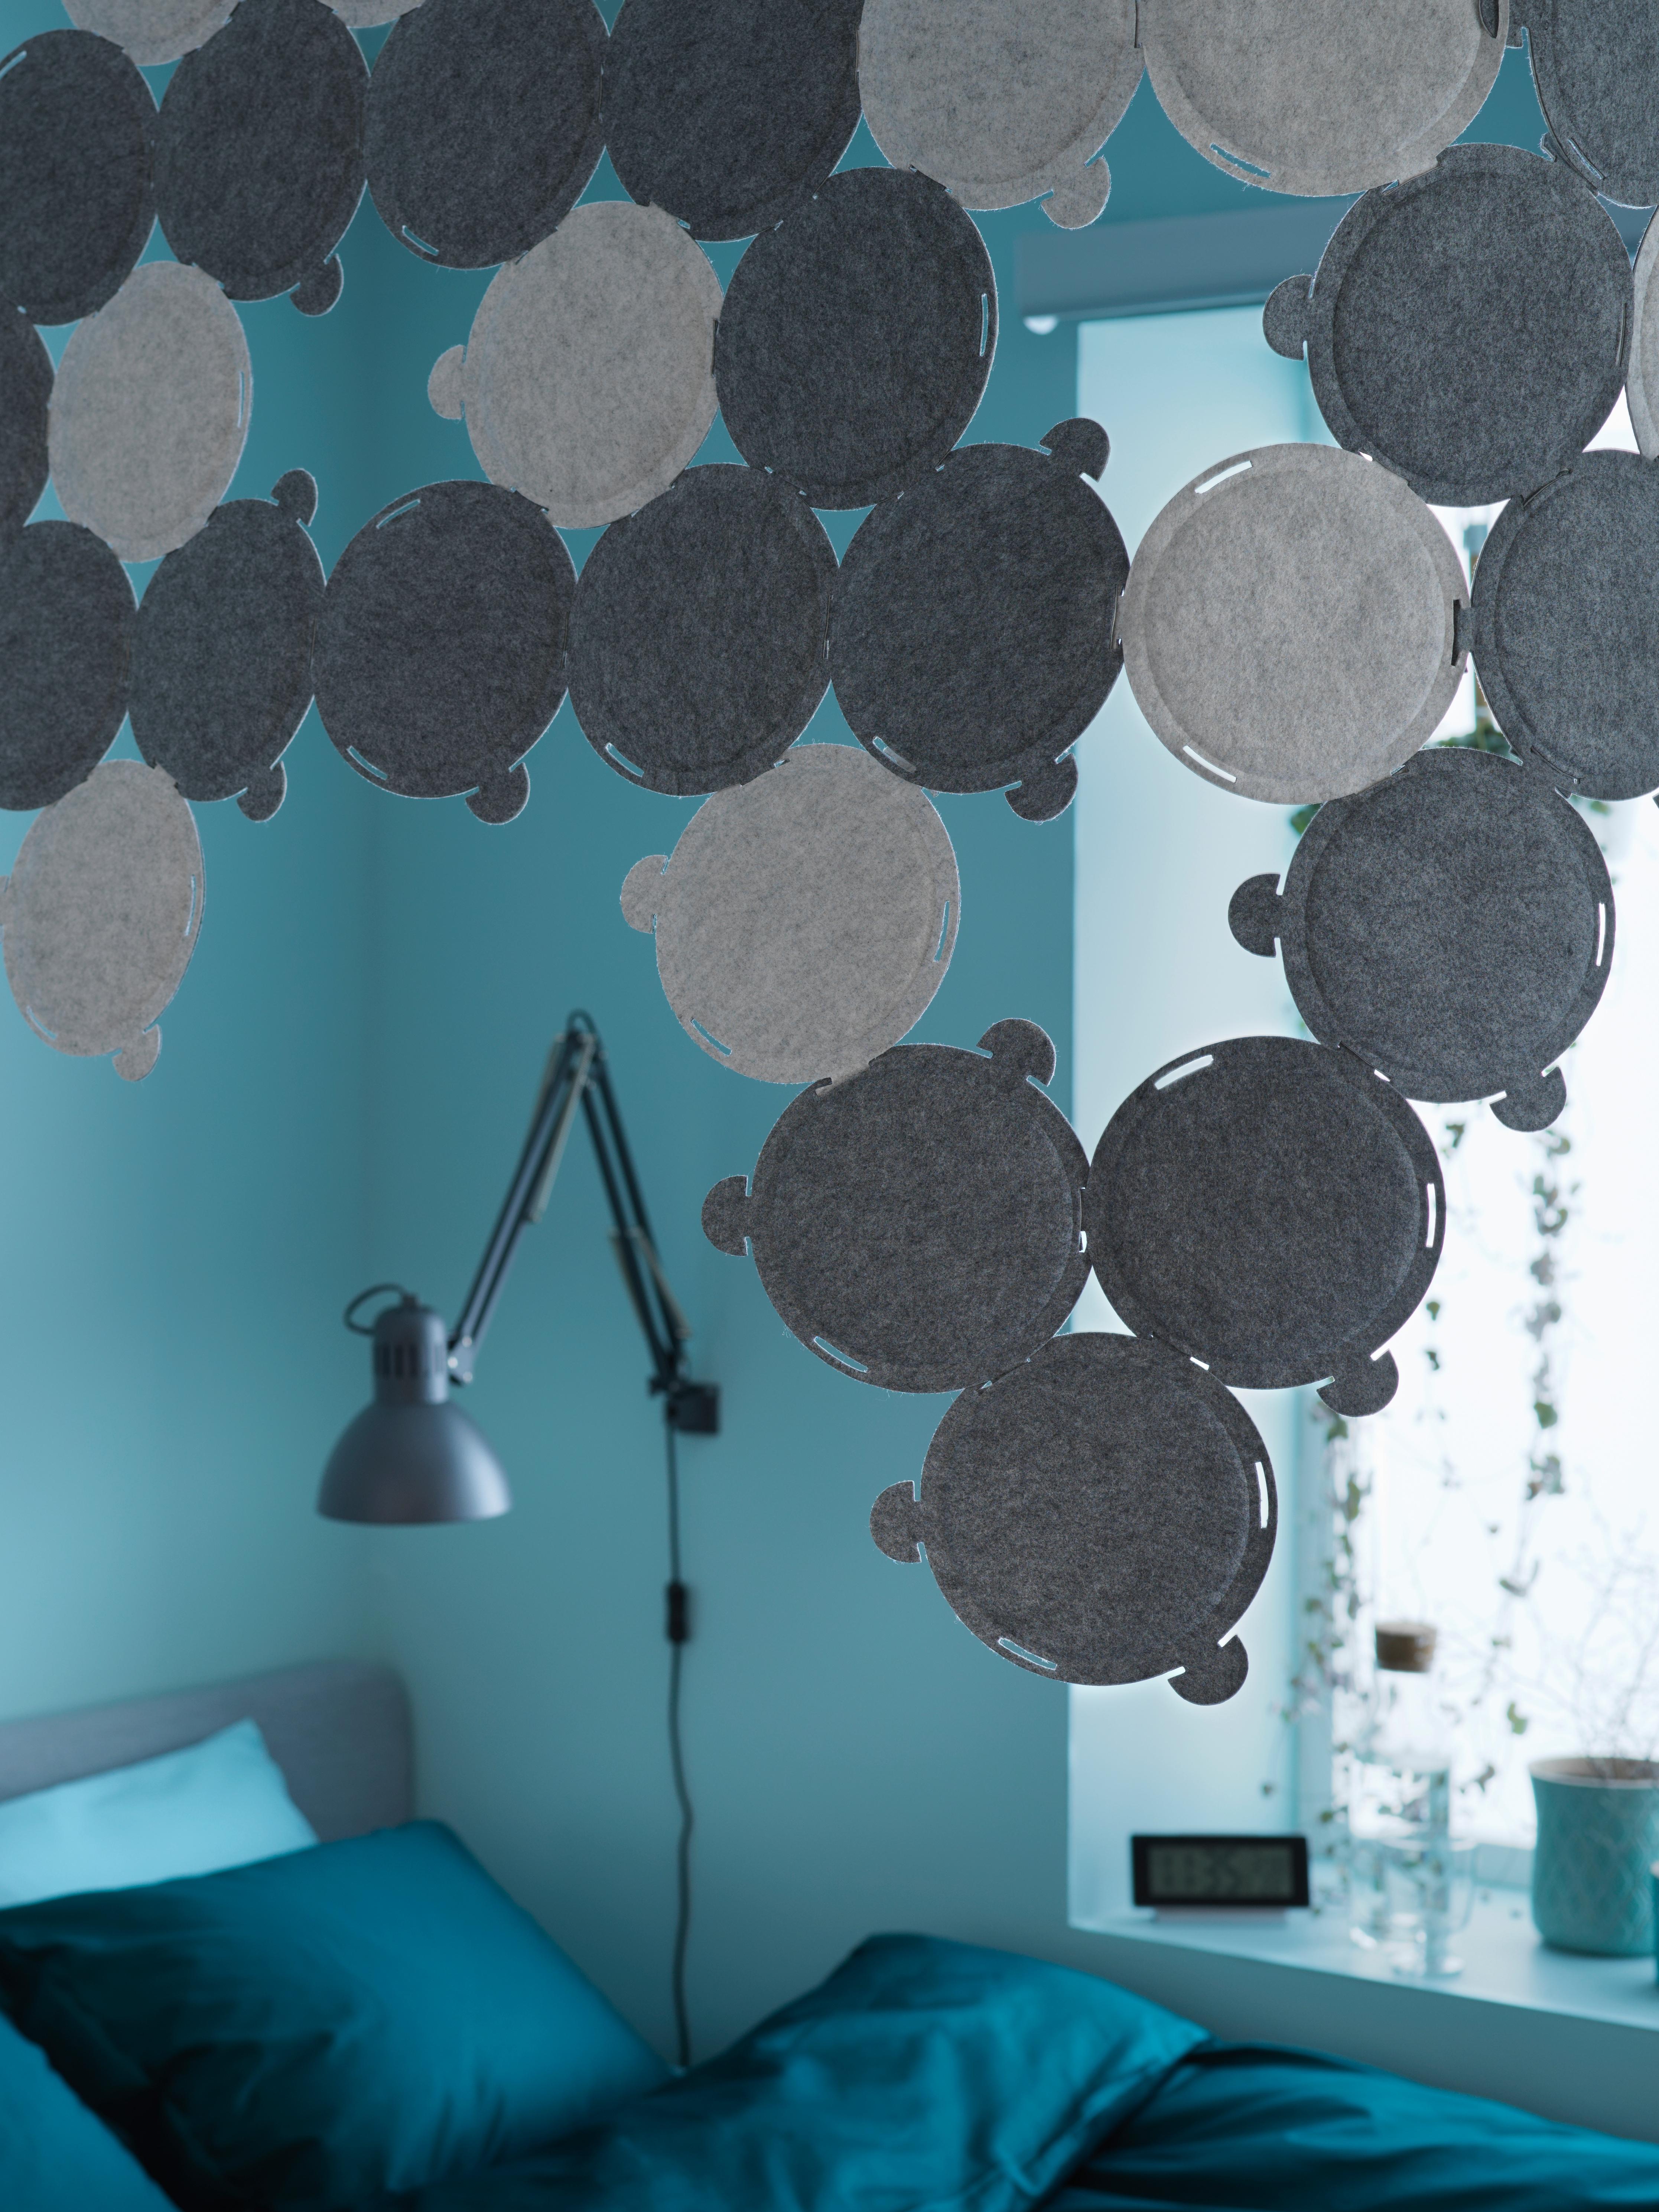 ODDLAUG ploča za upijanje zvuka sive boje, visi u spavaćoj sobi s plavo-zelenim zidovima u kojoj su krevet i lampa za čitanje.